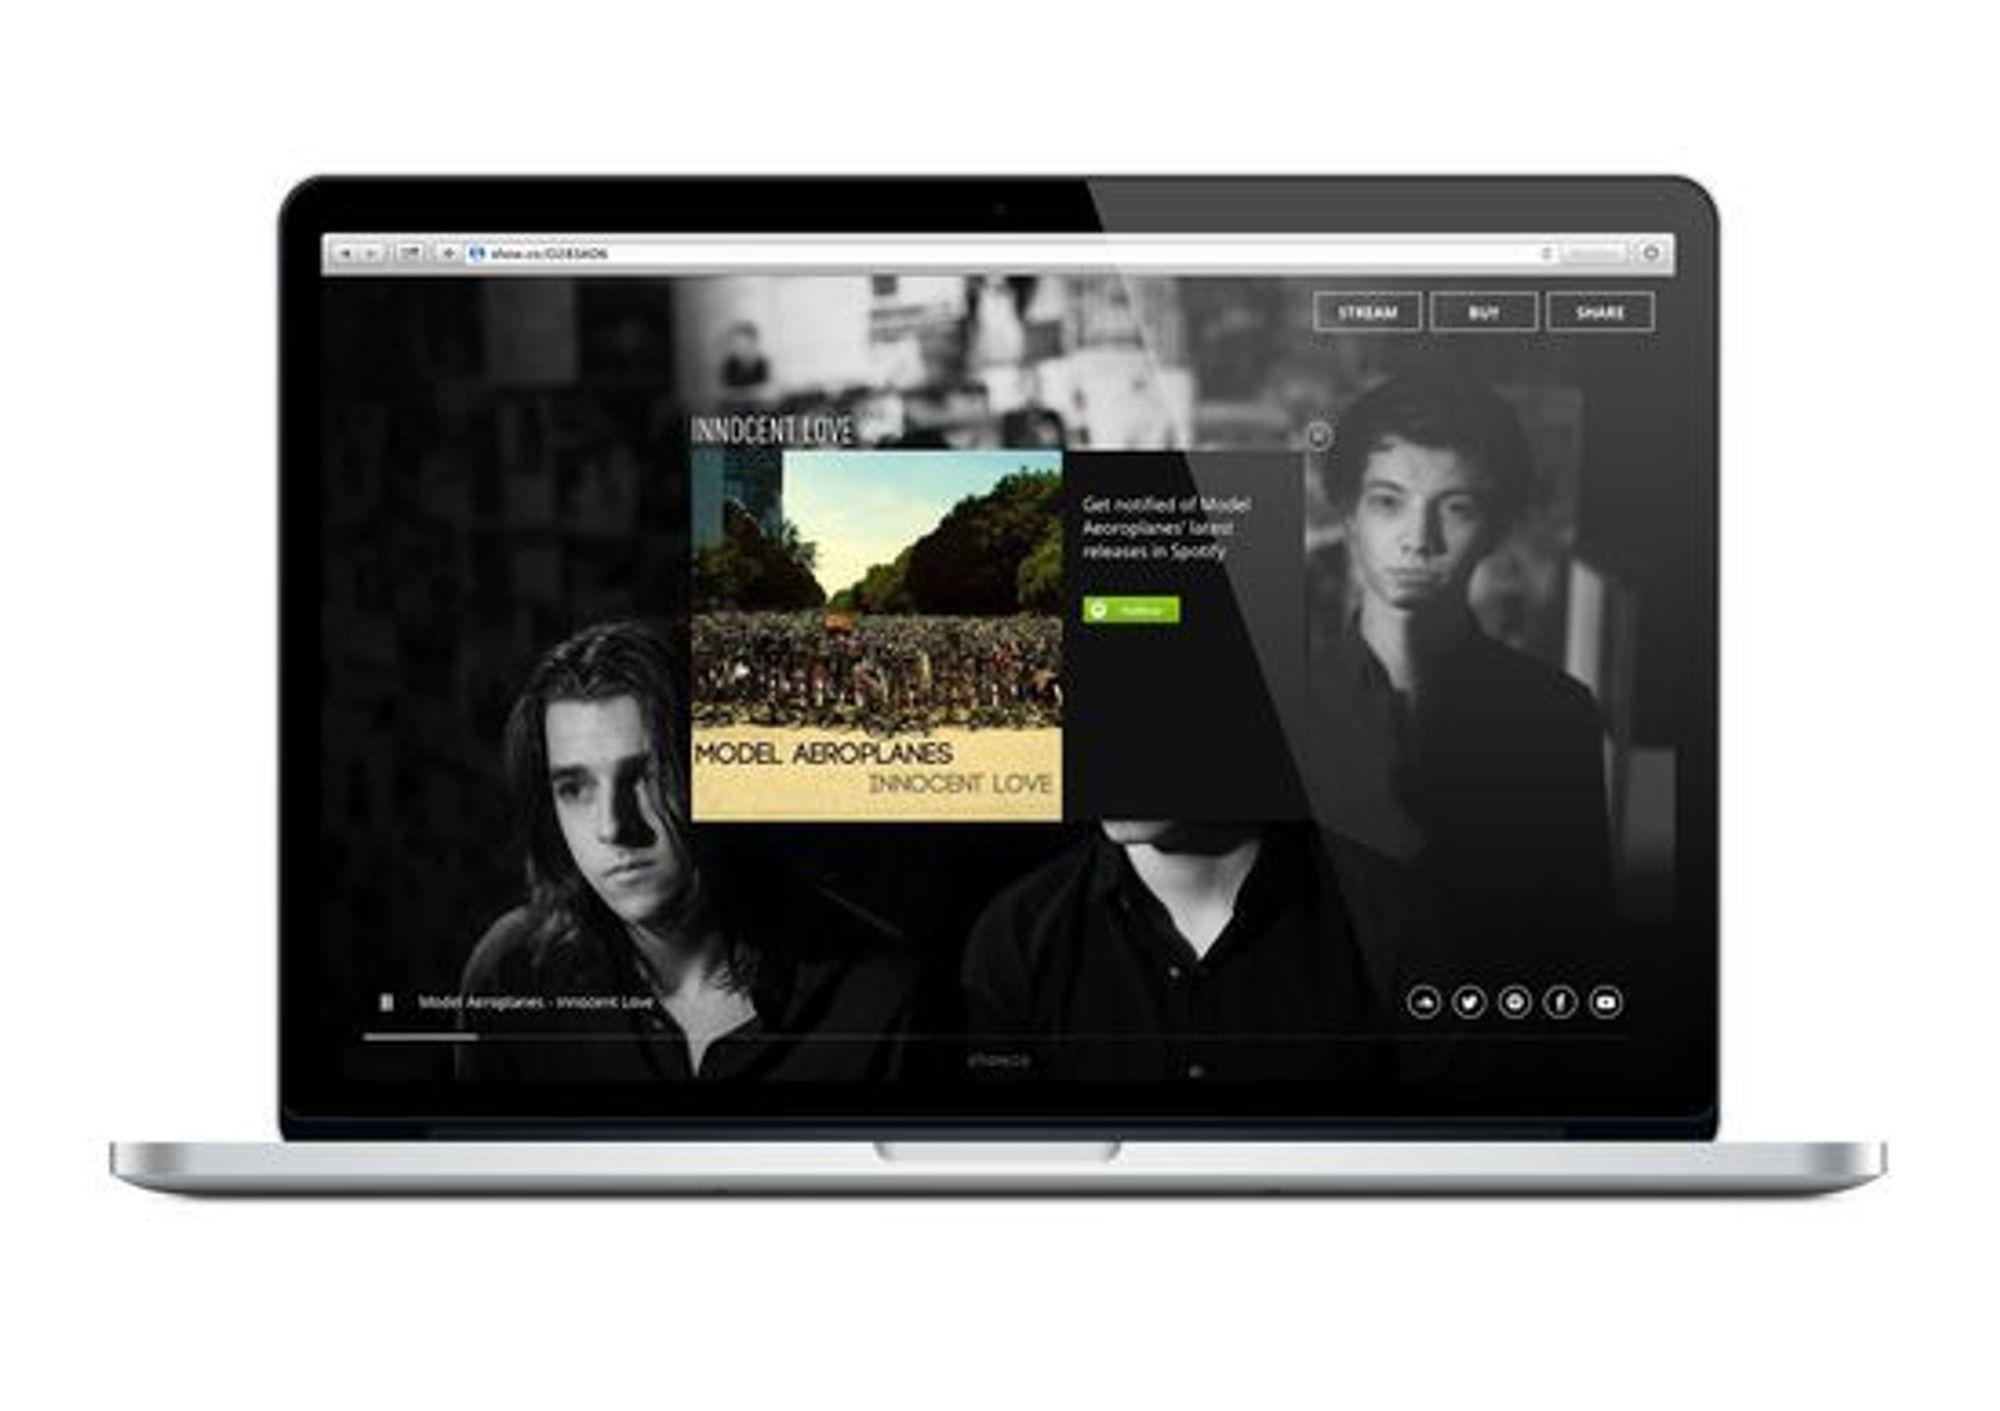 Slik ser kampanjen ut på web.